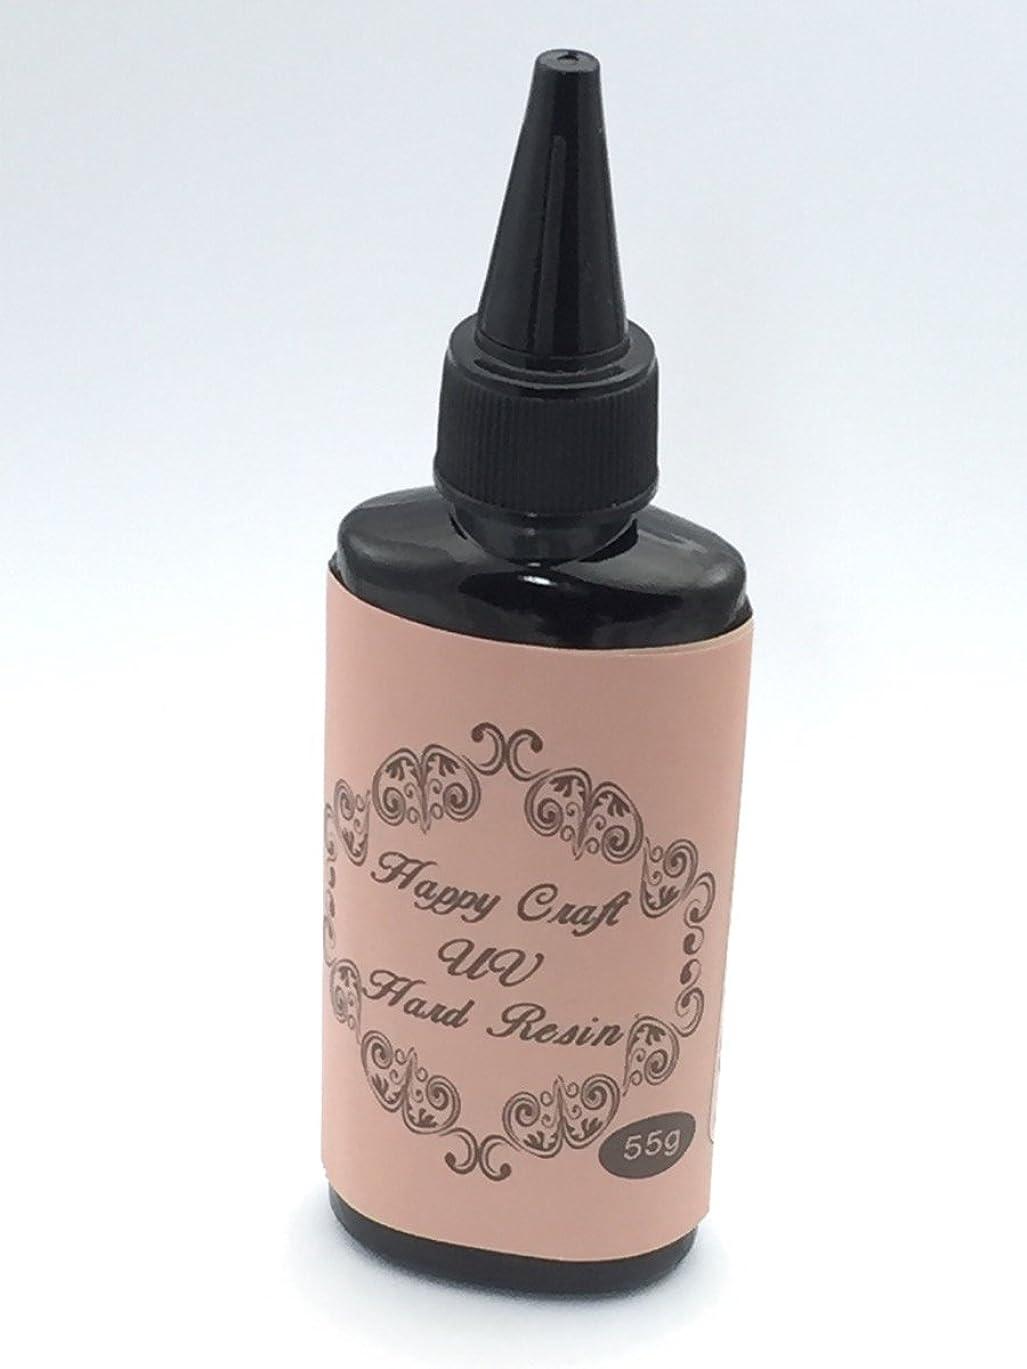 可動形状忌まわしいパジコ レジン液 UV-LED レジン 星の雫 ソフト 25g 403245